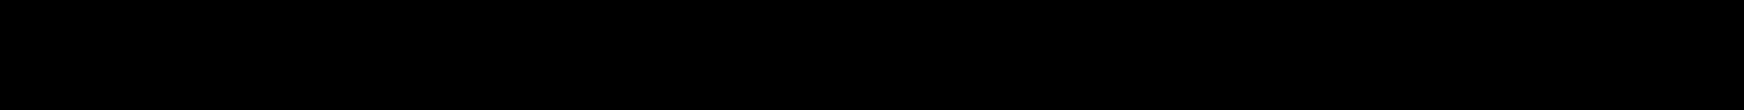 NeutrafaceSlabTextPro-LightItalic.otf